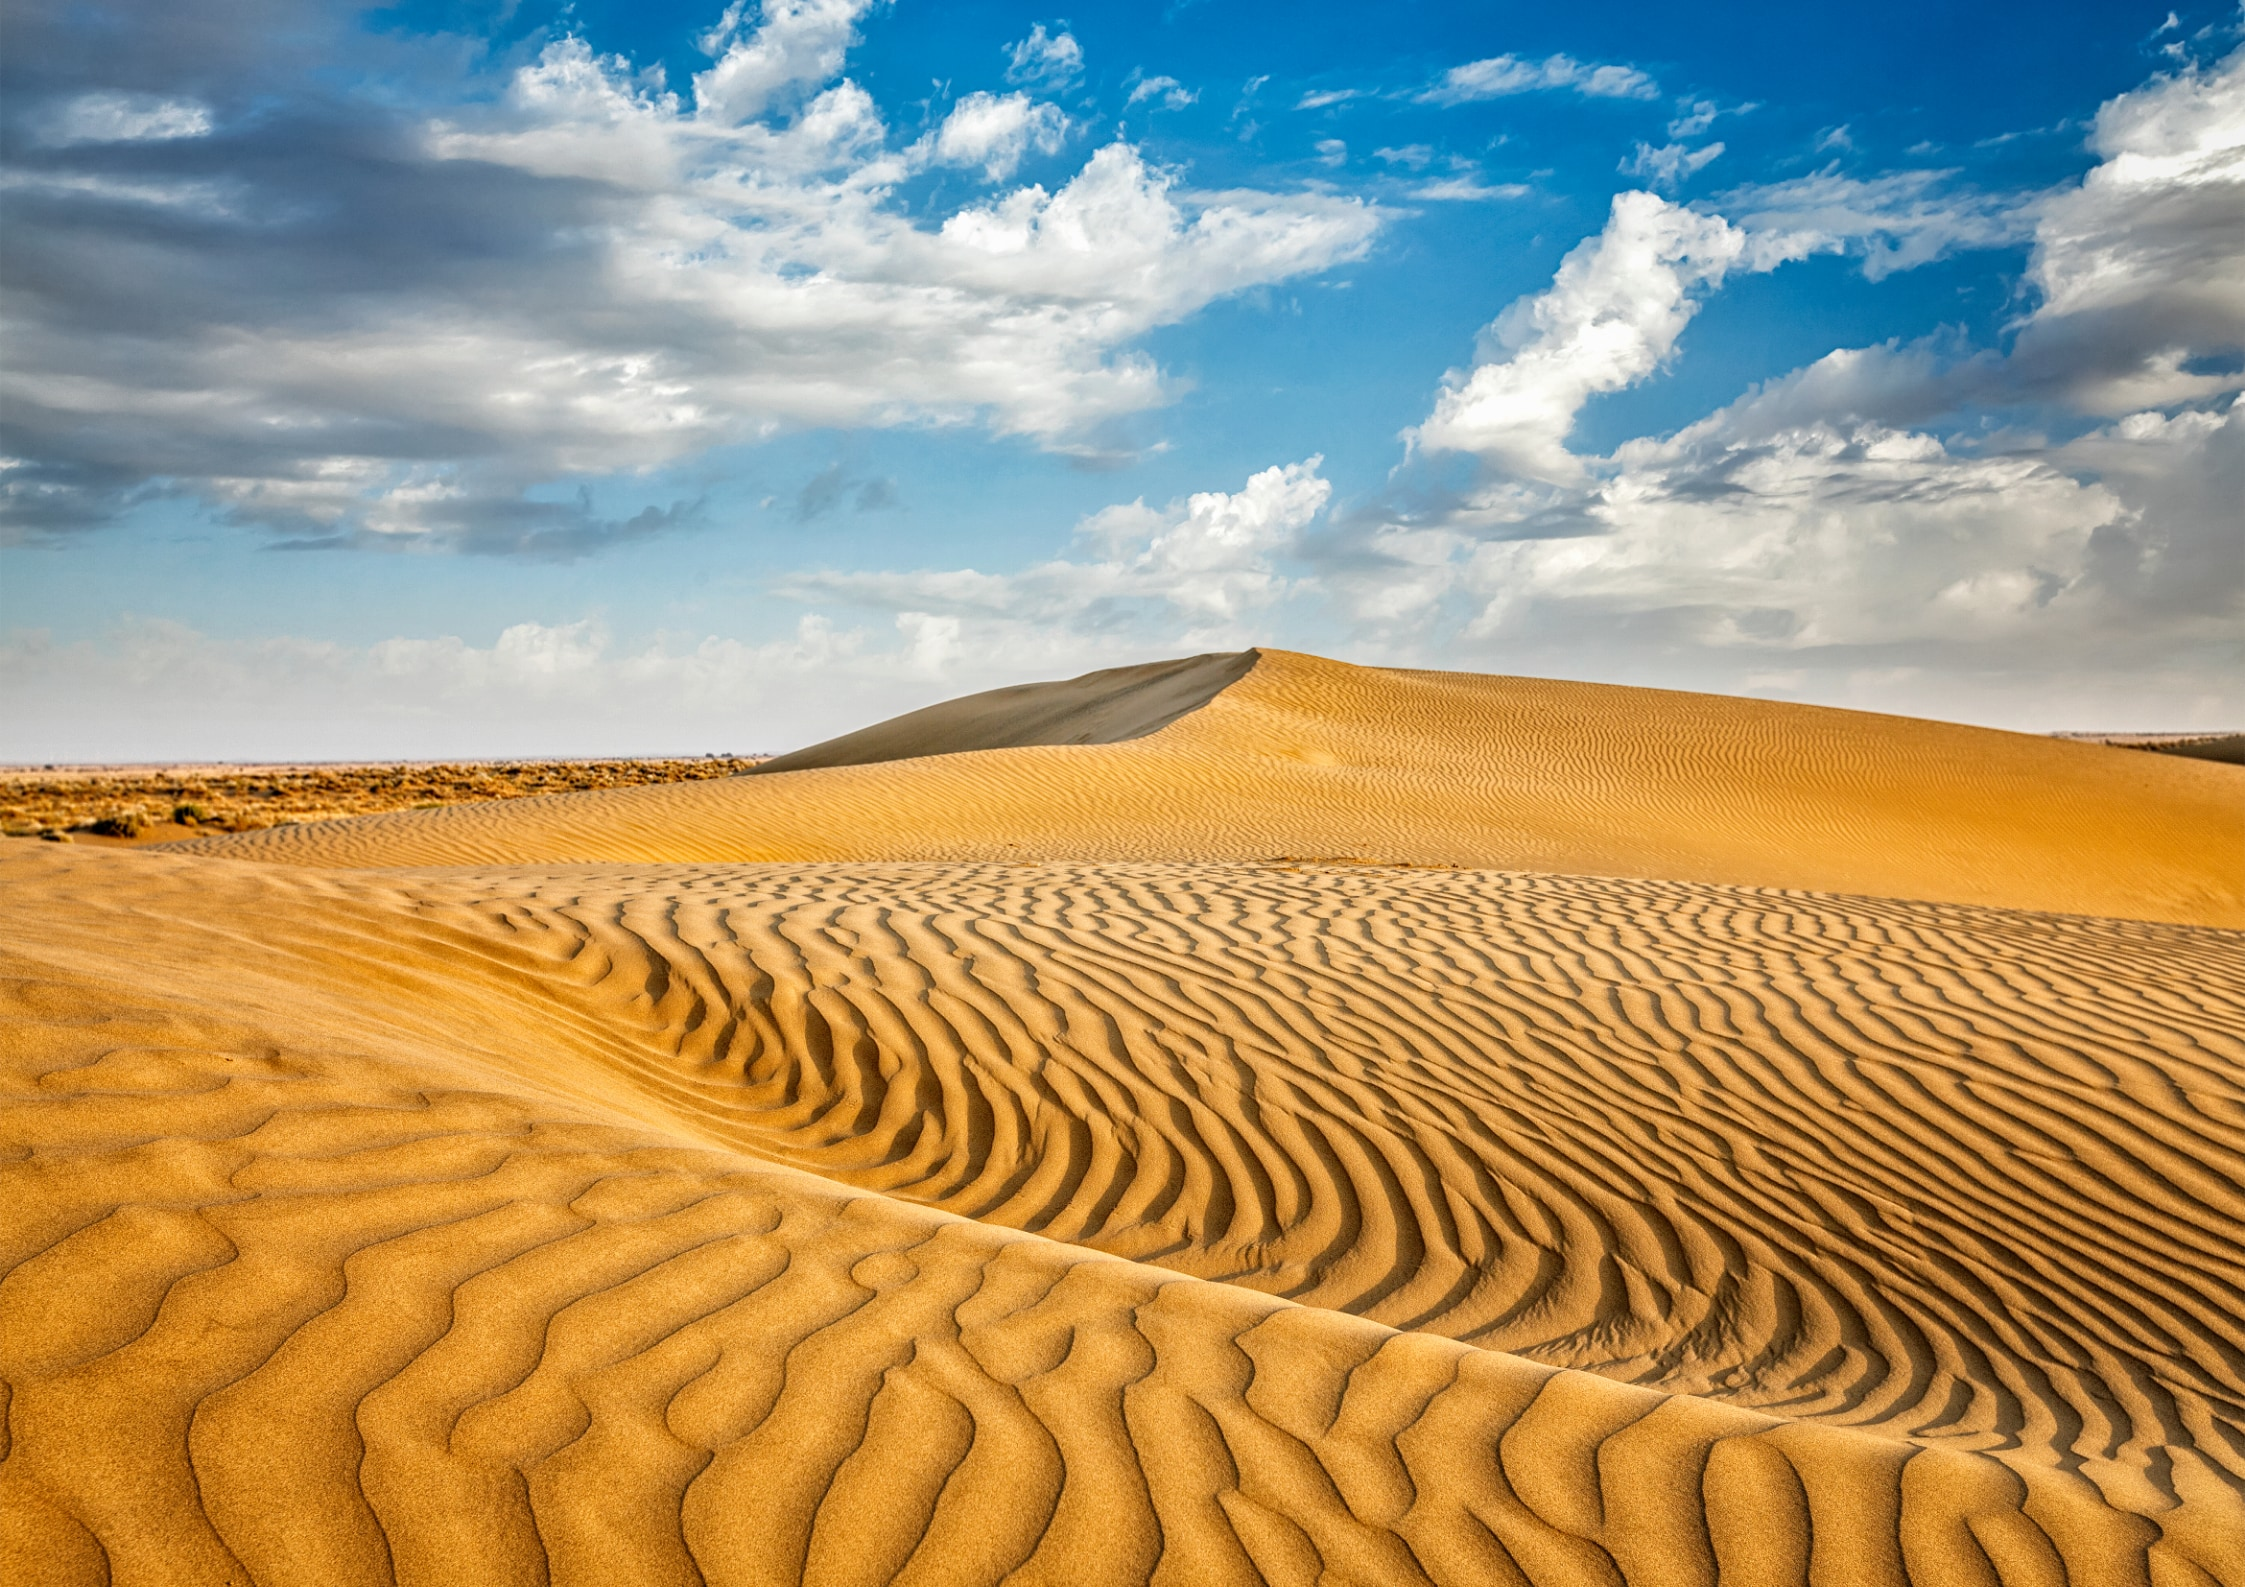 砂漠の昼と夜の気温差が大きい理由は?